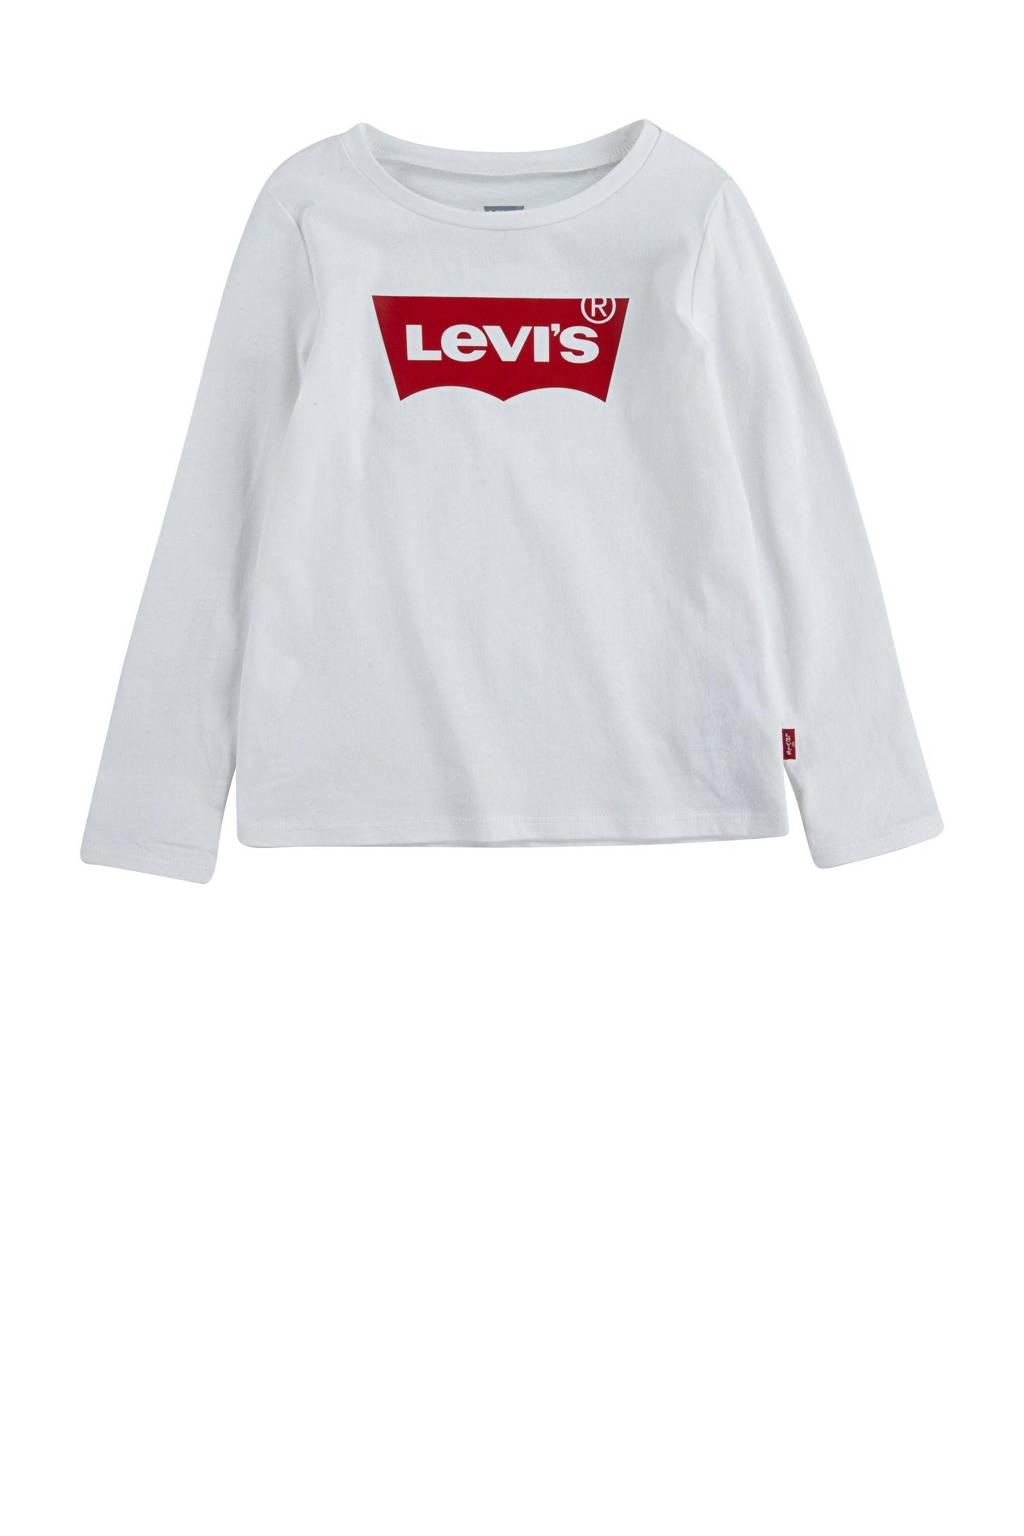 Levi's Kids longsleeve Batwing met logo wit, Wit